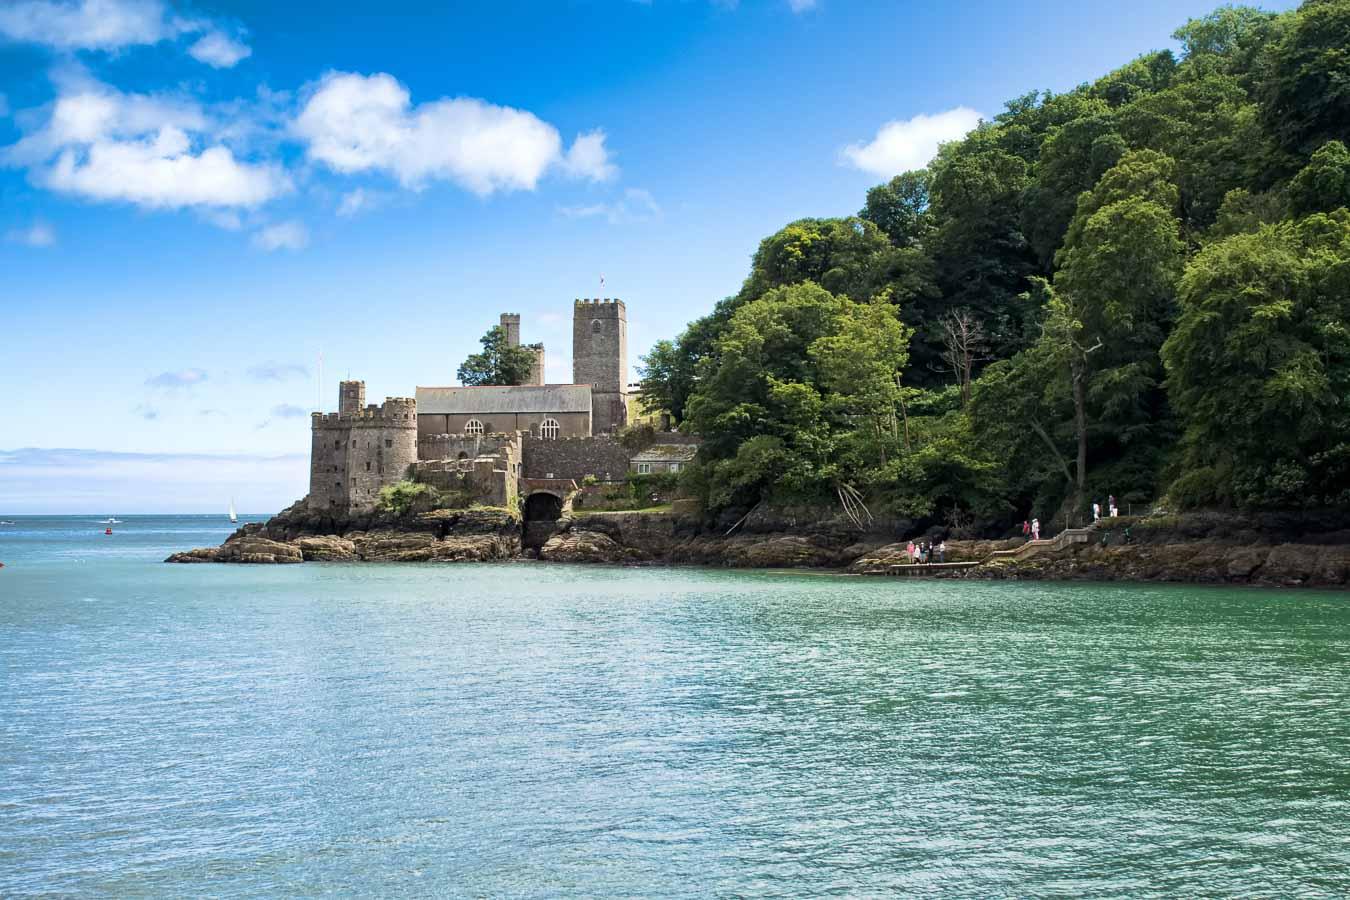 Dartmouth Castle, Dartmouth, Devon.